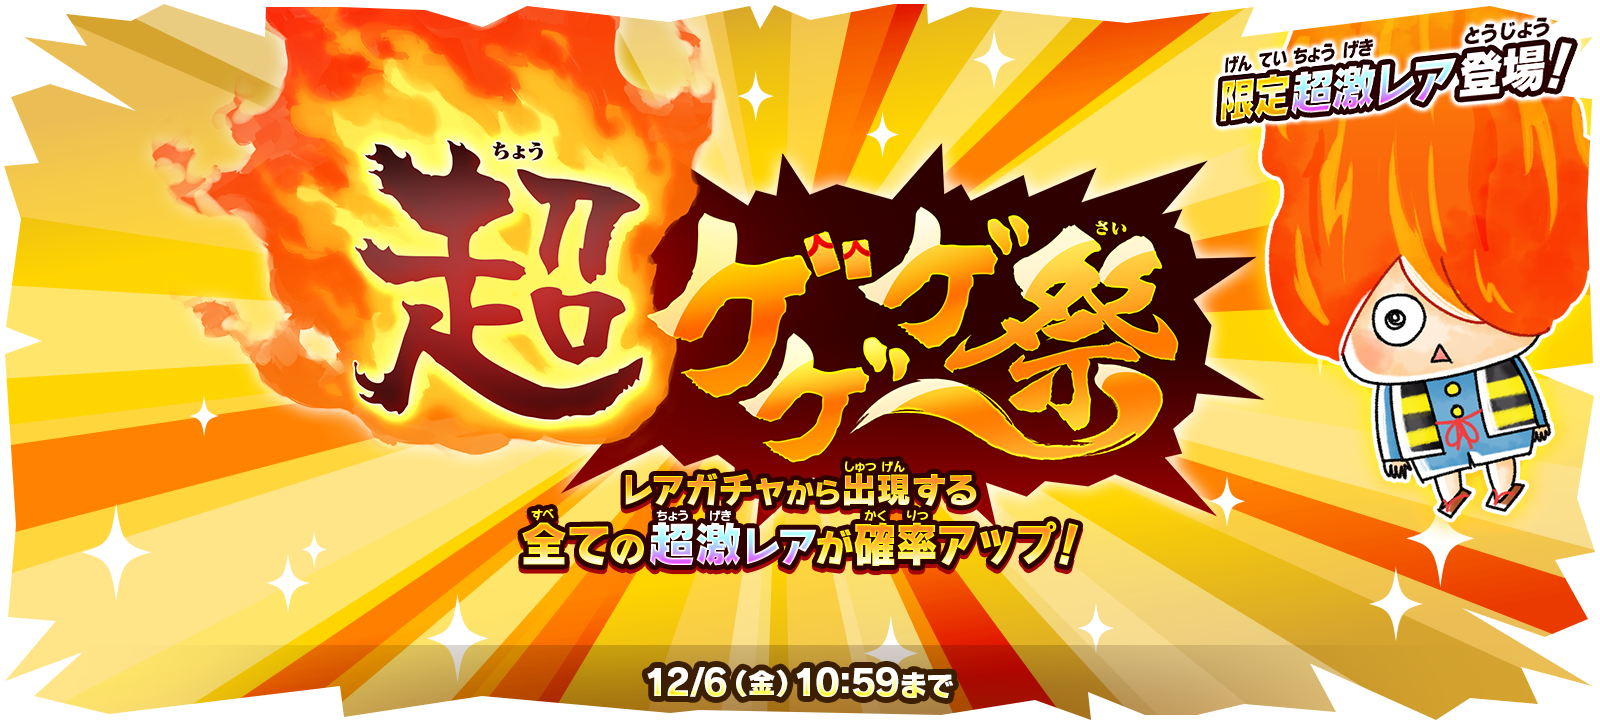 『ゆるゲゲ』新キャラ「白うねり」登場&「超ゲゲゲ祭」や12月限定ステージ開催!